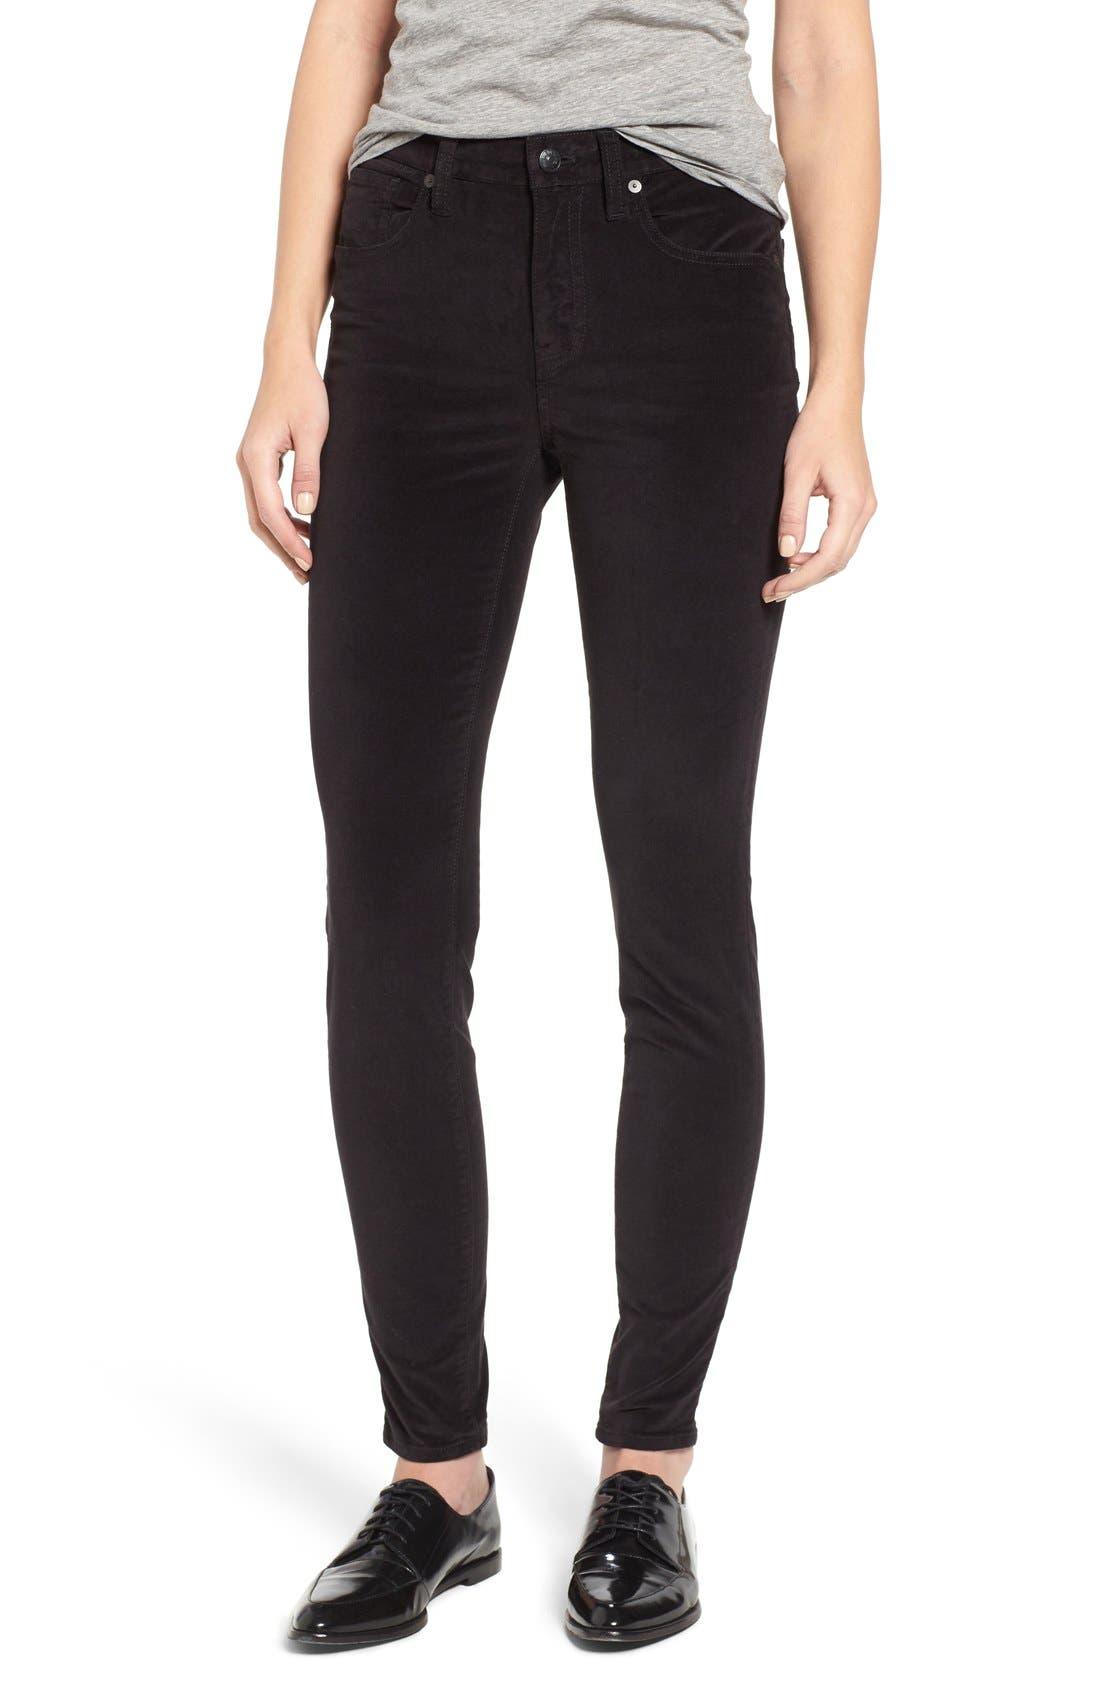 Alternate Image 1 Selected - Madewell High Rise Velvet Skinny Jeans